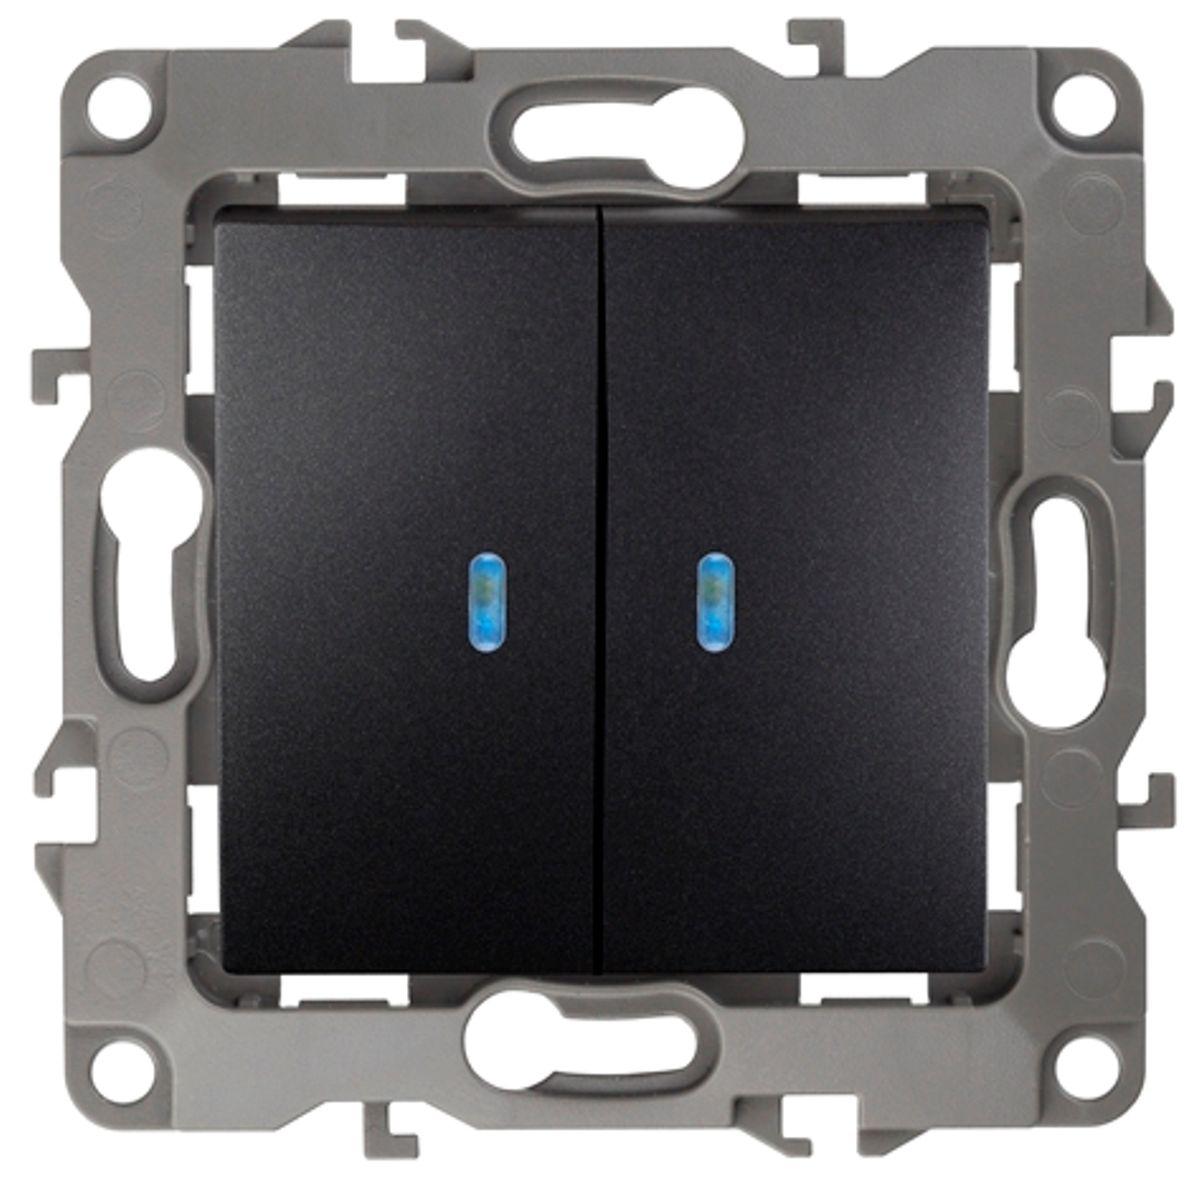 Выключатель ЭРА, двойной, с подсветкой, цвет: антрацит, серый. 12-110512-1105-05Двойной выключатель ЭРА выполнен из прочного поликарбоната, контакты - бронзовые. Световой индикатор на клавишах поможет вам разглядеть выключатель даже в темноте. Выключатель имеет специальные фиксаторы, которые не дают ему смещаться как при монтаже, так и в процессе эксплуатации. Автоматические зажимы кабеля обеспечивают быстрый и надежный монтаж изделия к электросети без отвертки и не требуют обслуживания в отличие от винтовых зажимов.